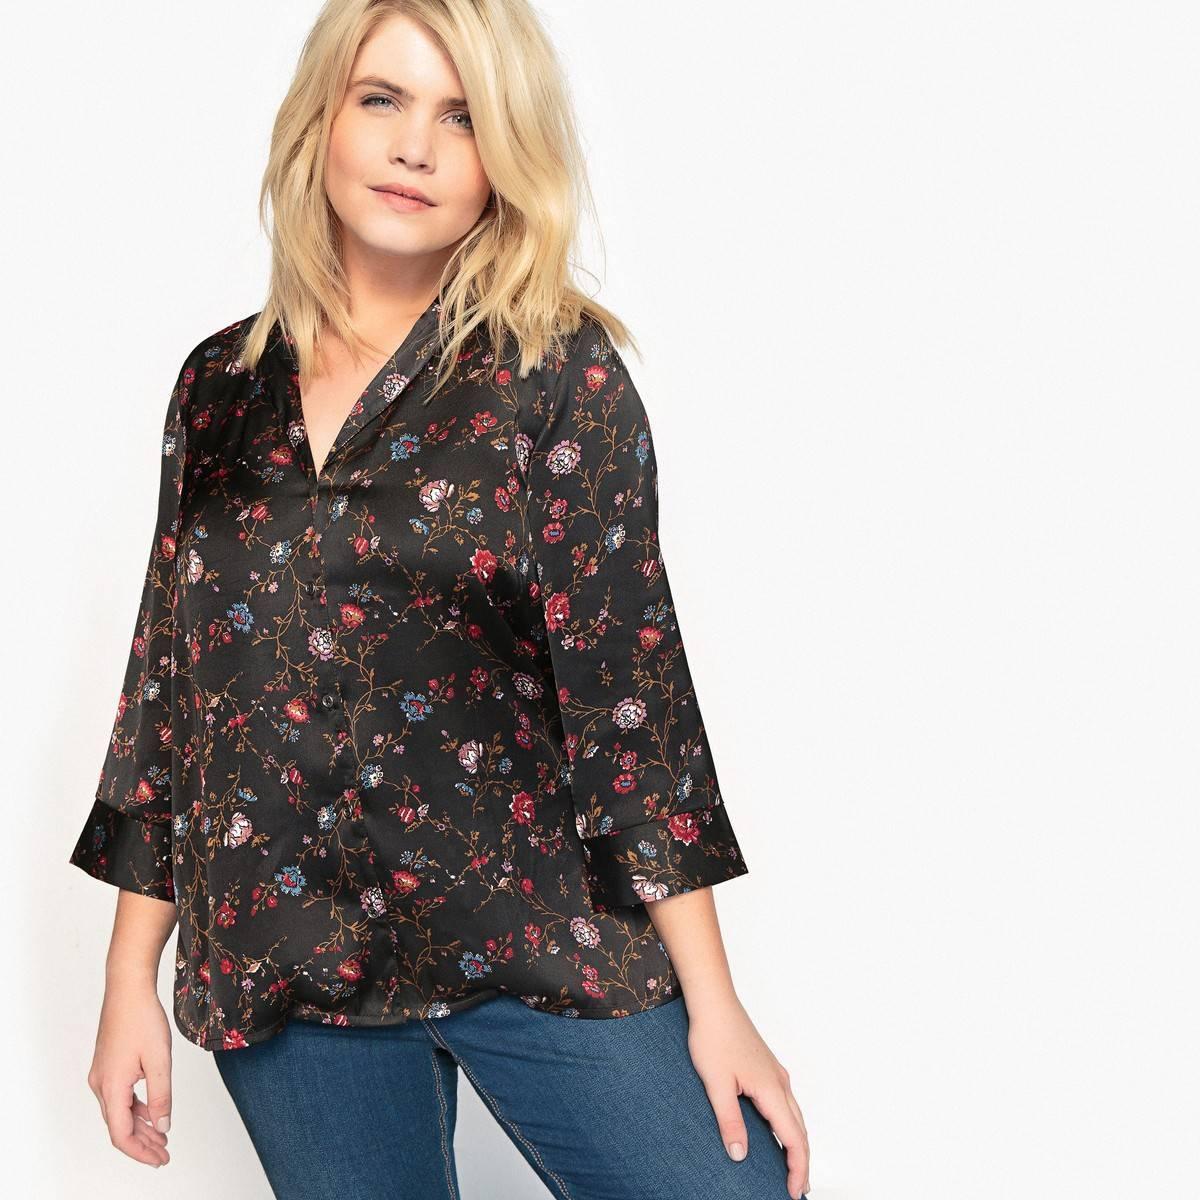 Купить Блузку Для Женщин